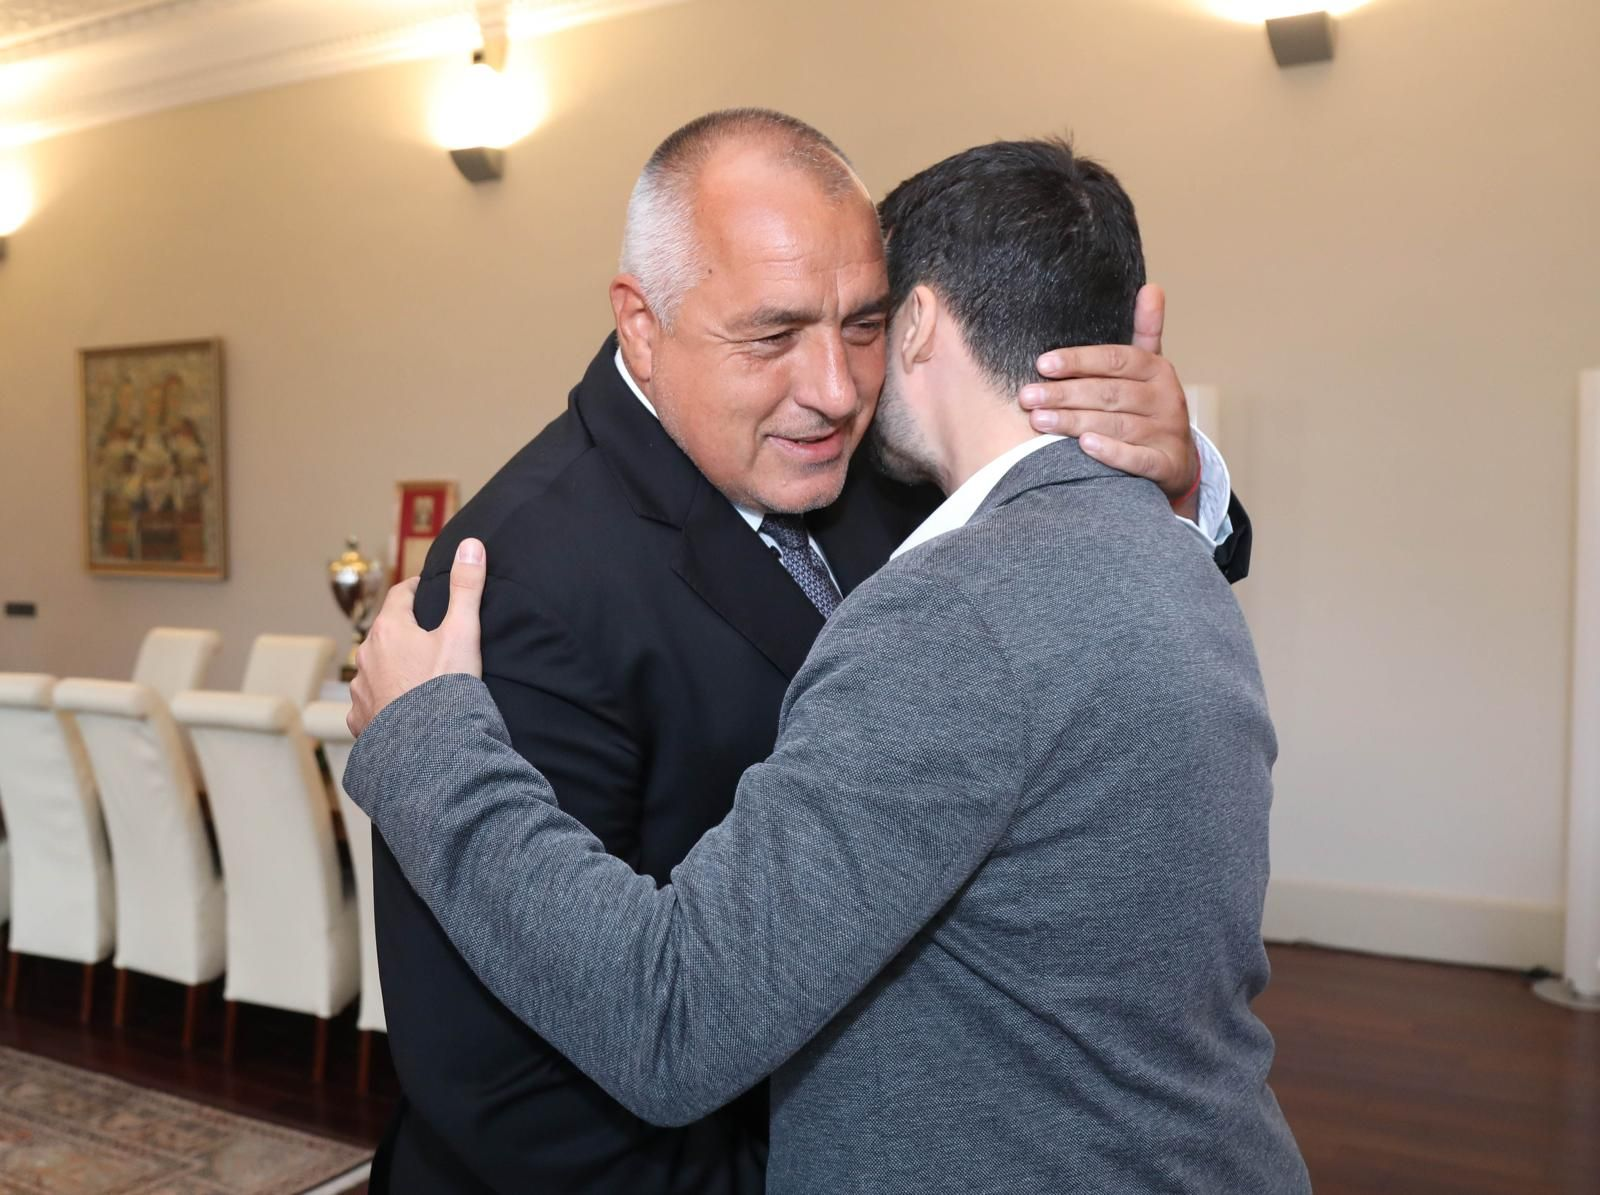 Премиерът благодари на главния прокурор за това, че Желяз и неговите колеги вече са напълно свободни хора